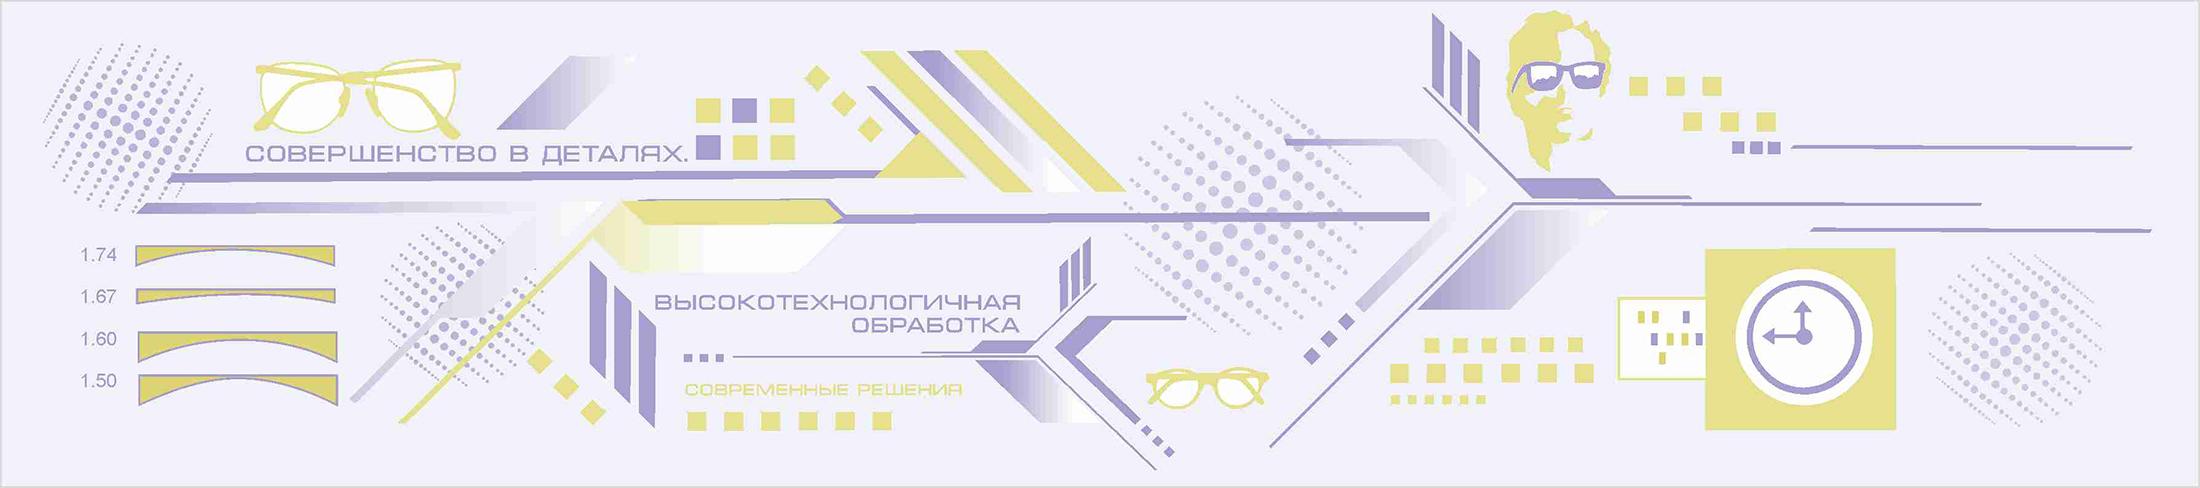 Создание нескольких графических панно для оптической компани фото f_0625900080cb04fe.jpg